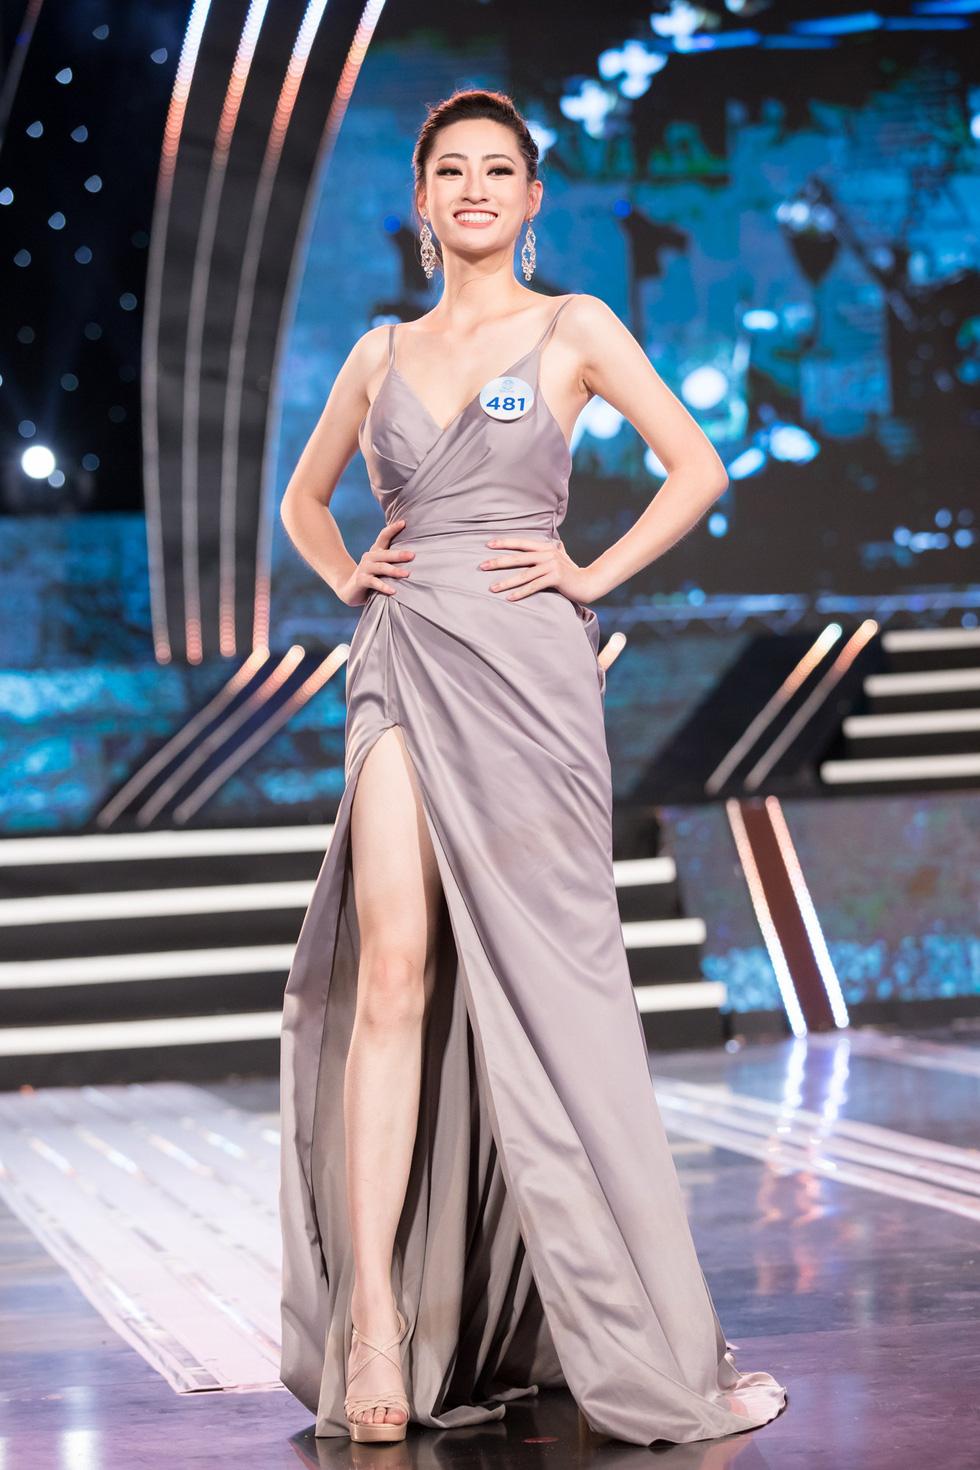 Nhan sắc 20 thí sinh đẹp nhất phía Bắc vào chung kết Miss World Việt Nam 2019 - Ảnh 18.